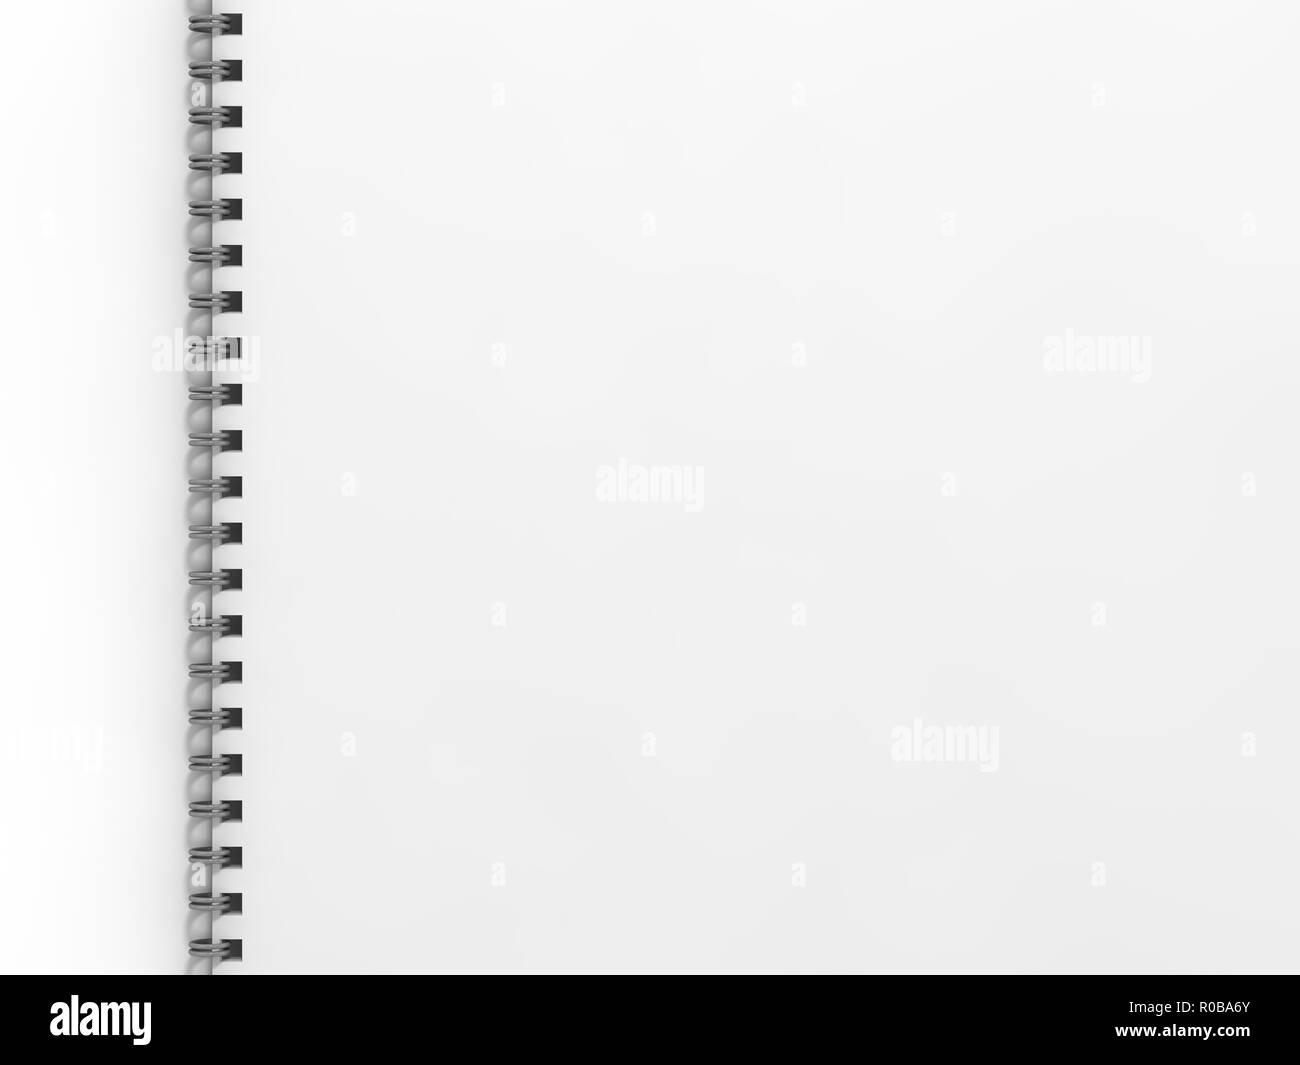 Leer notebook auf weißem Hintergrund. 3D-Rendering Stockbild